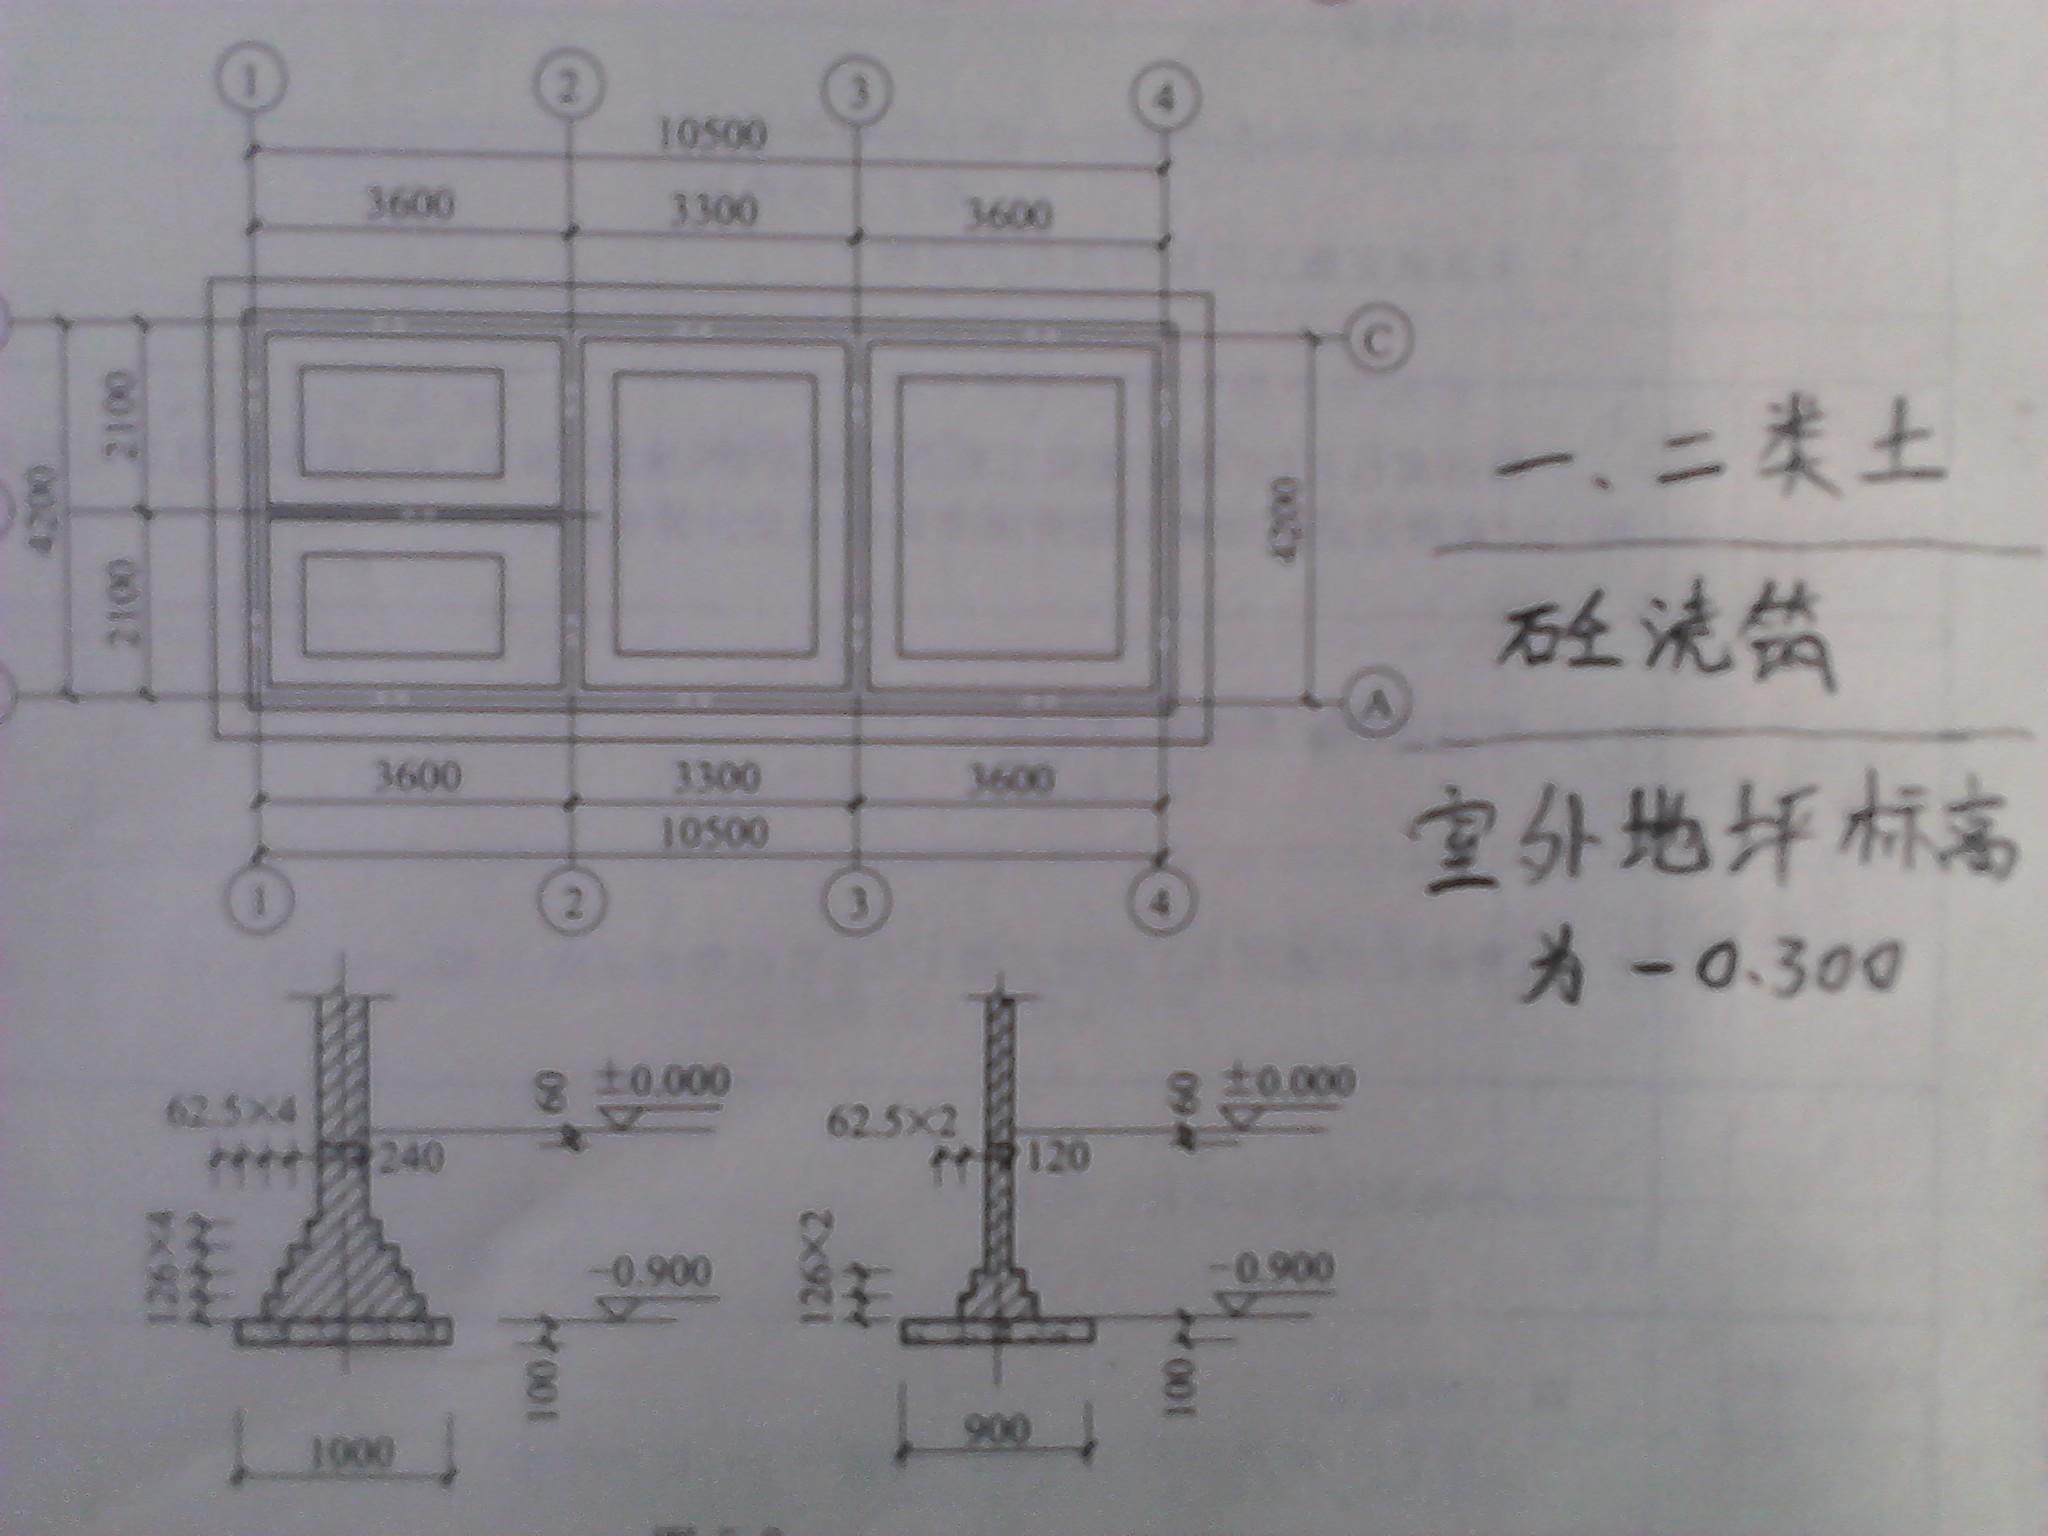 有梁式条形基础 条形基础平面布置图 条形基础施工图图片